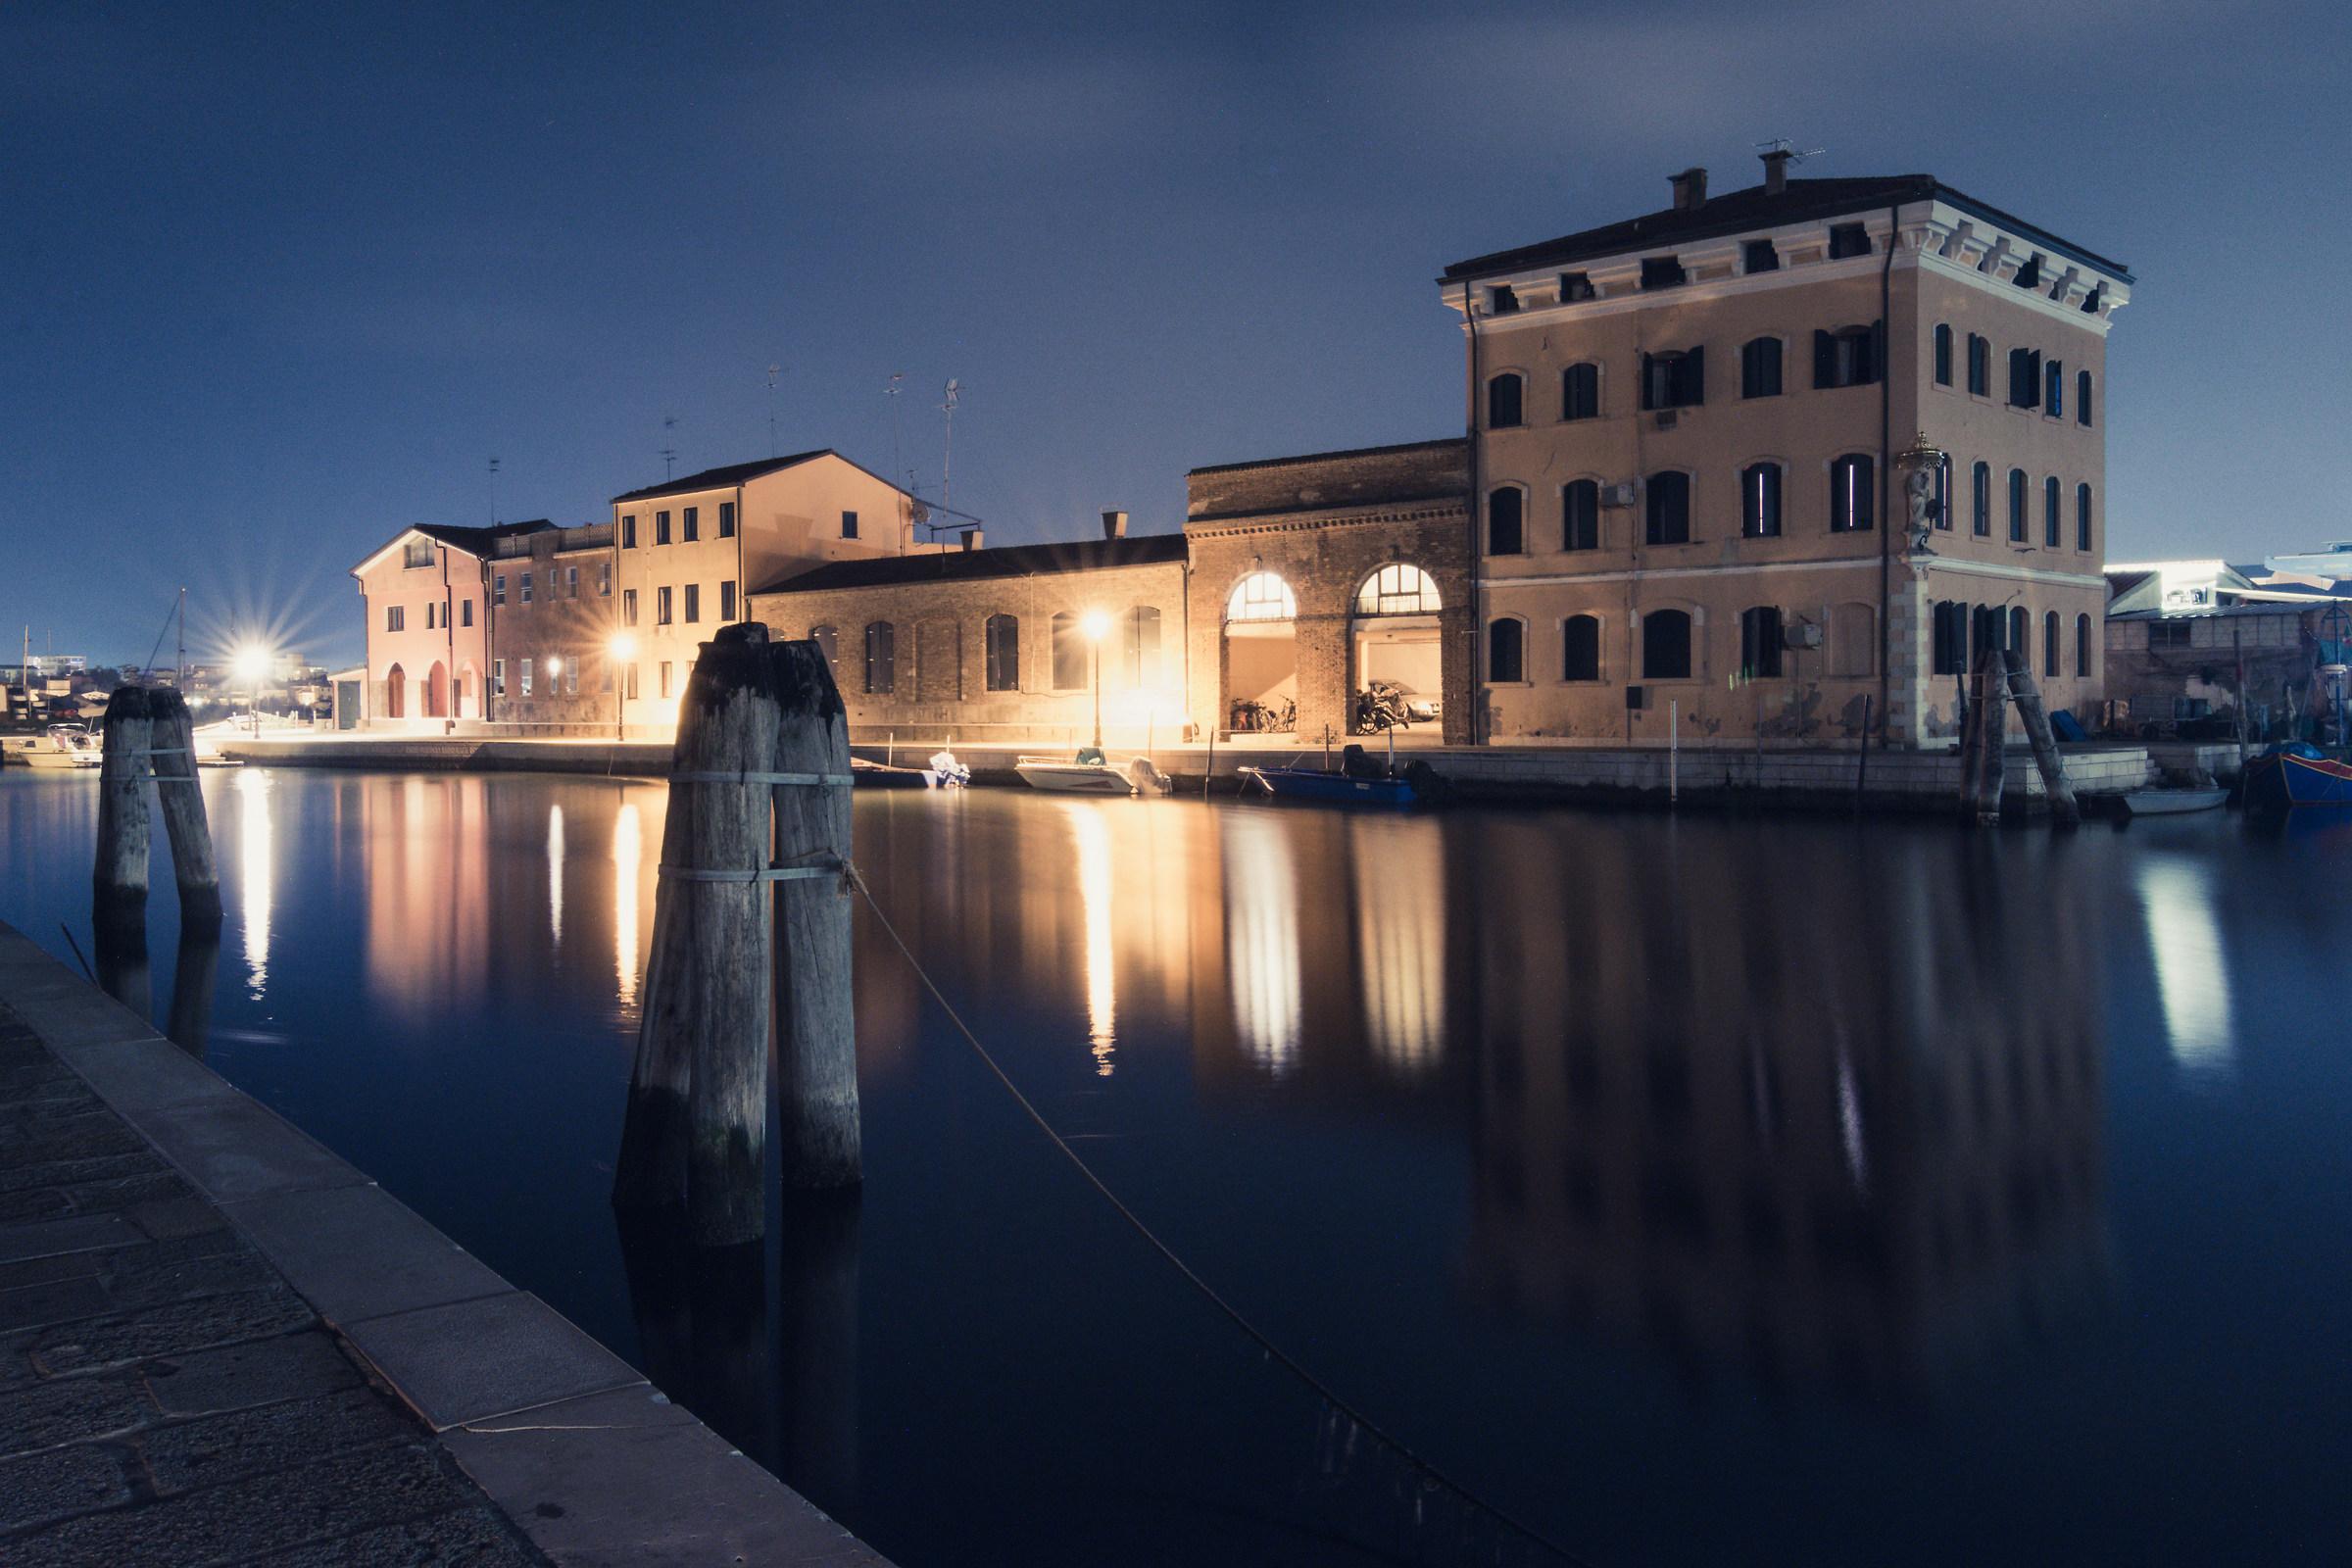 From San Domenico Chioggia...